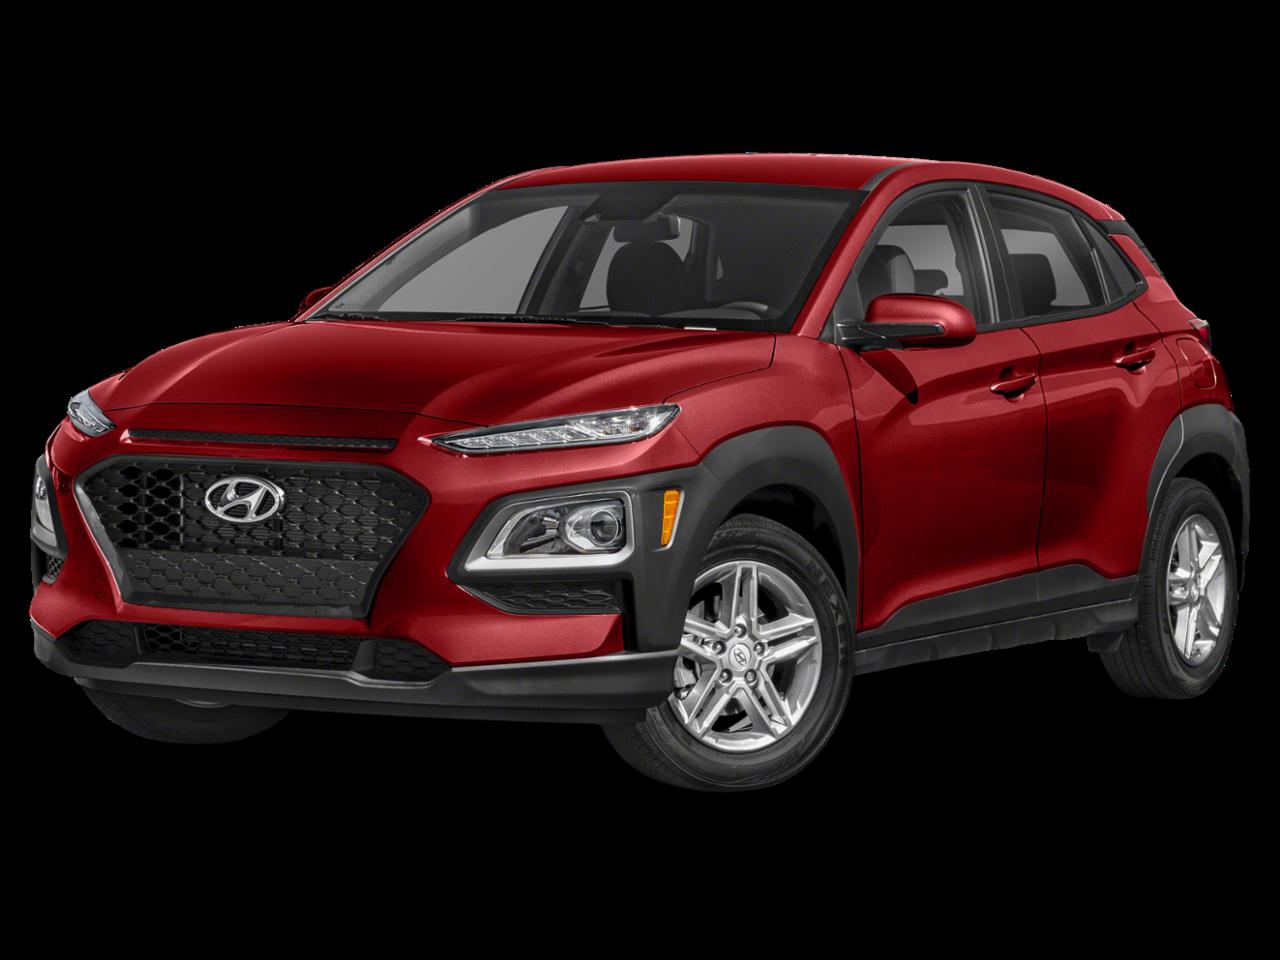 Hyundai 2020 Kona SE